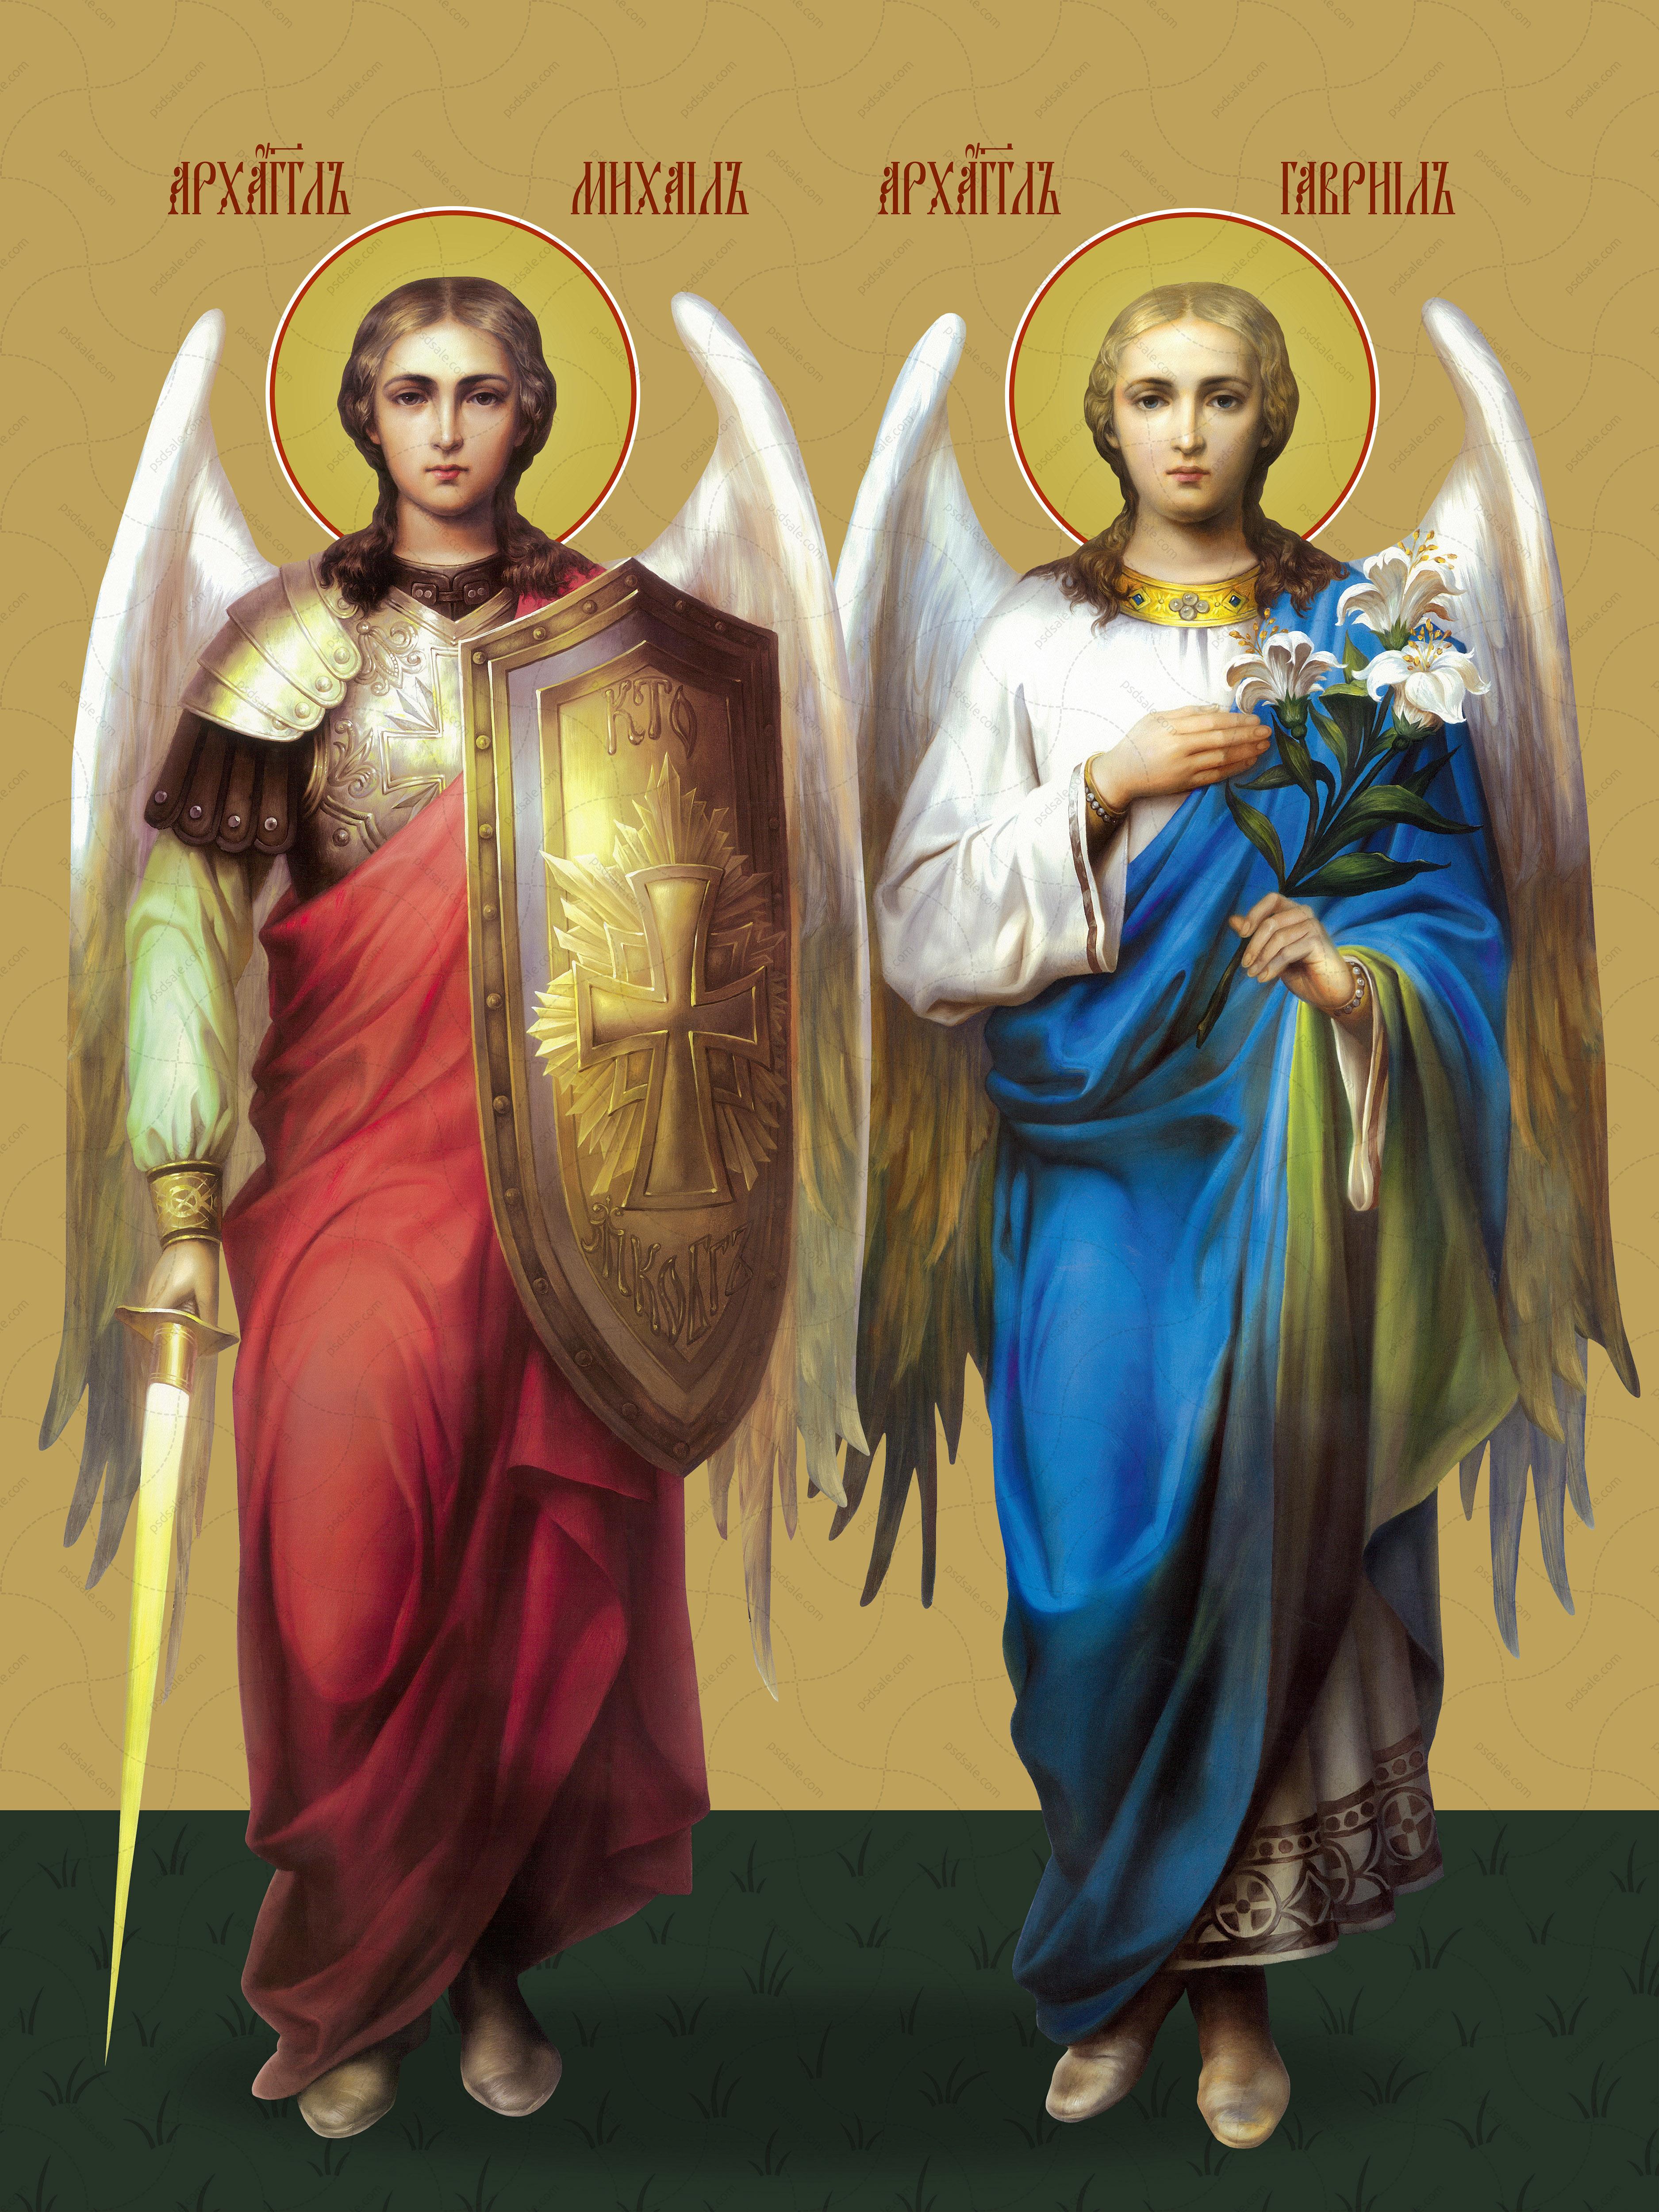 Гавриил и Михаил, архангелы